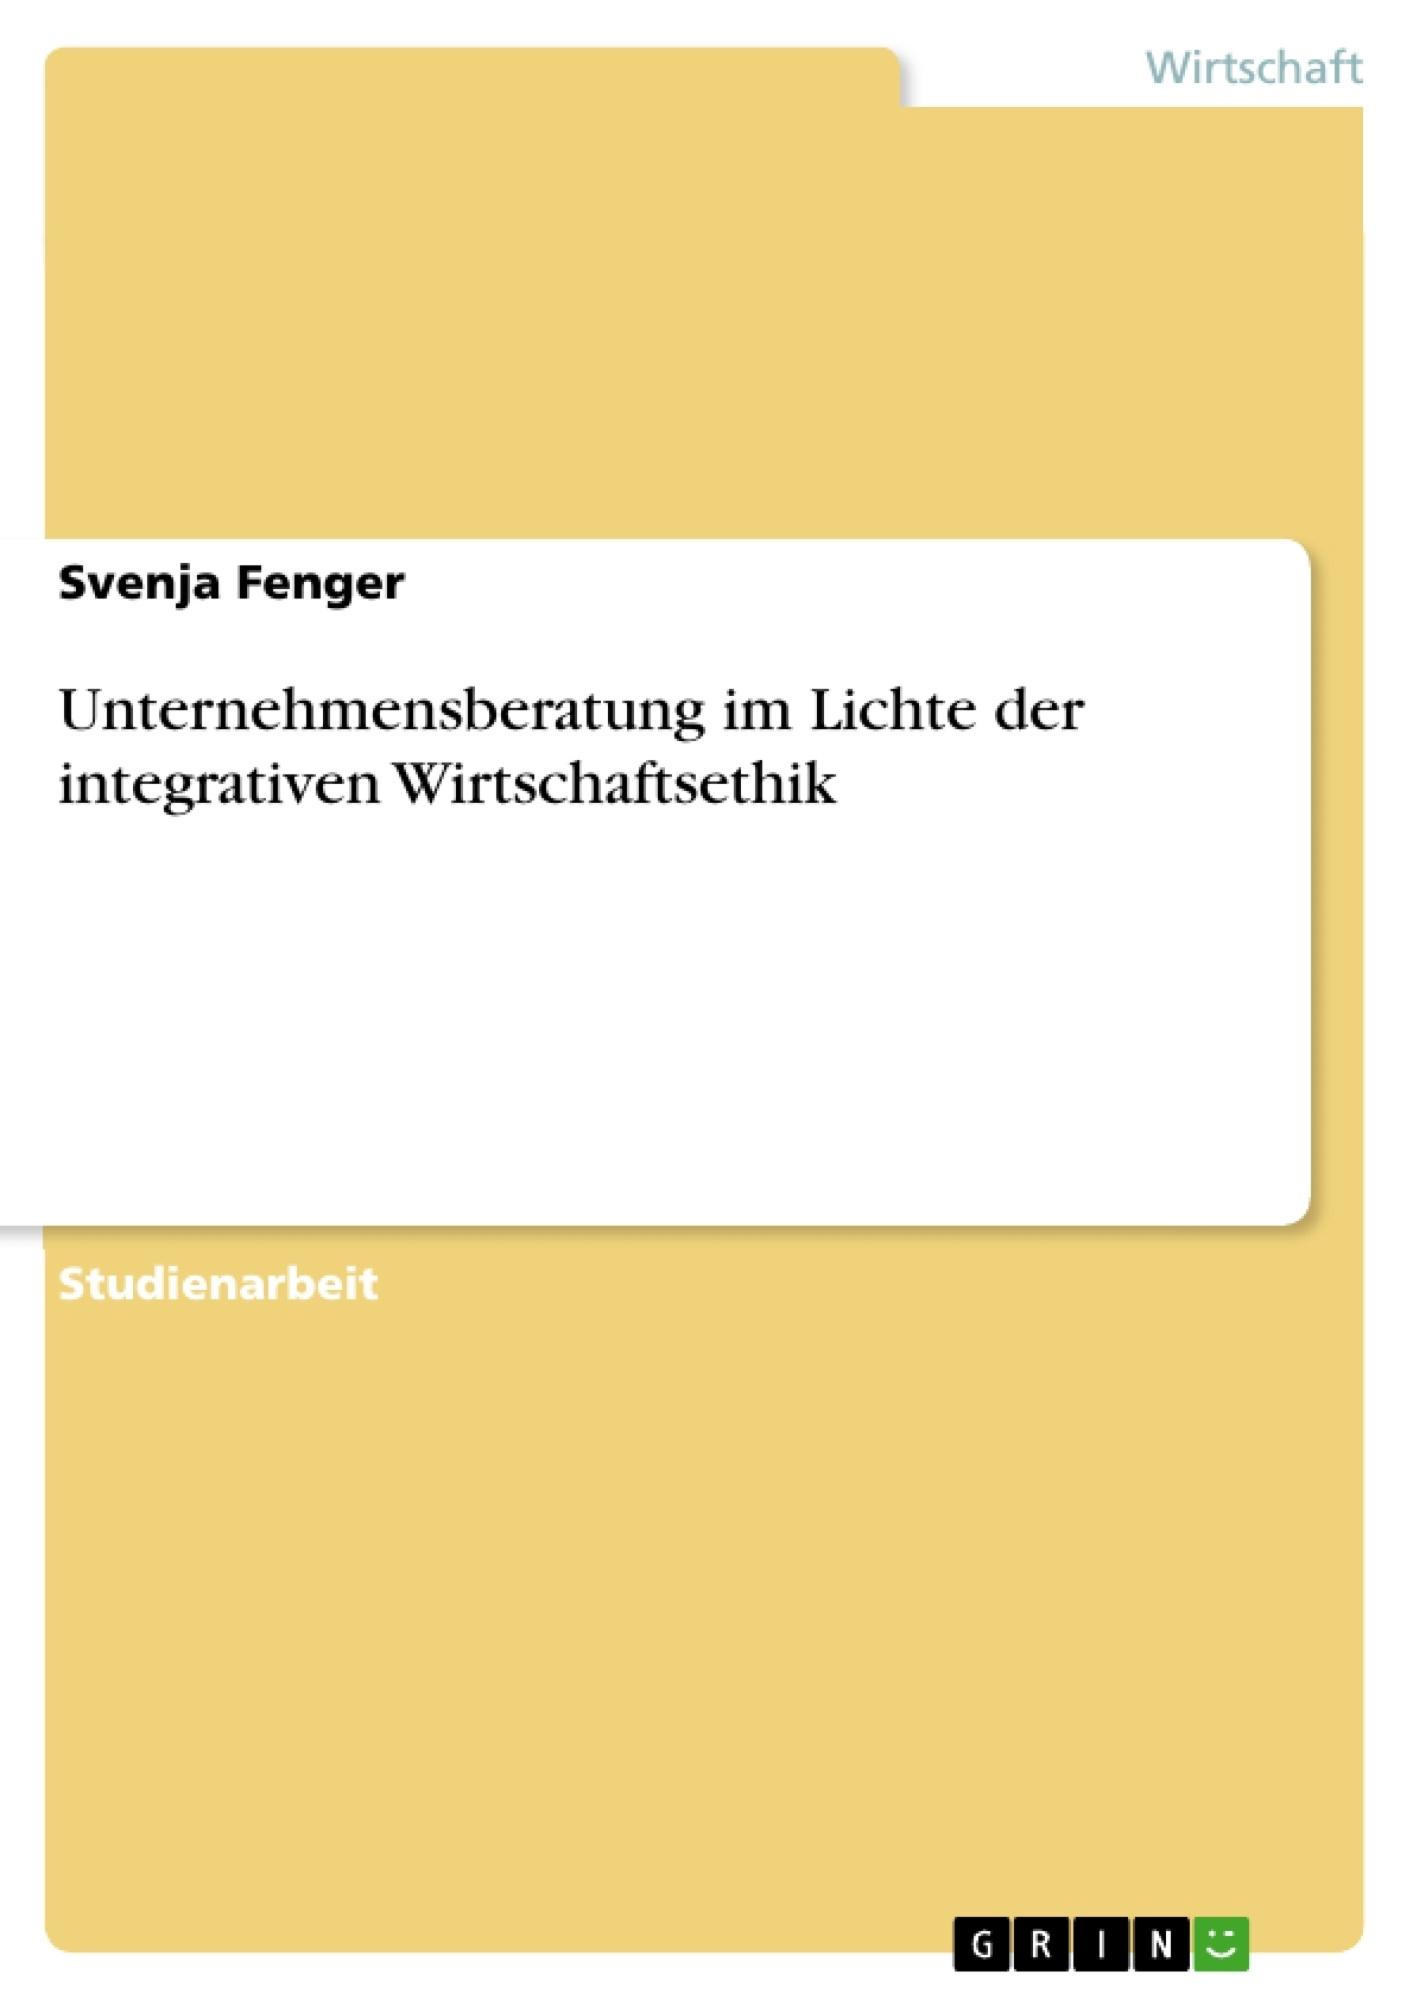 Titel: Unternehmensberatung im Lichte der integrativen Wirtschaftsethik